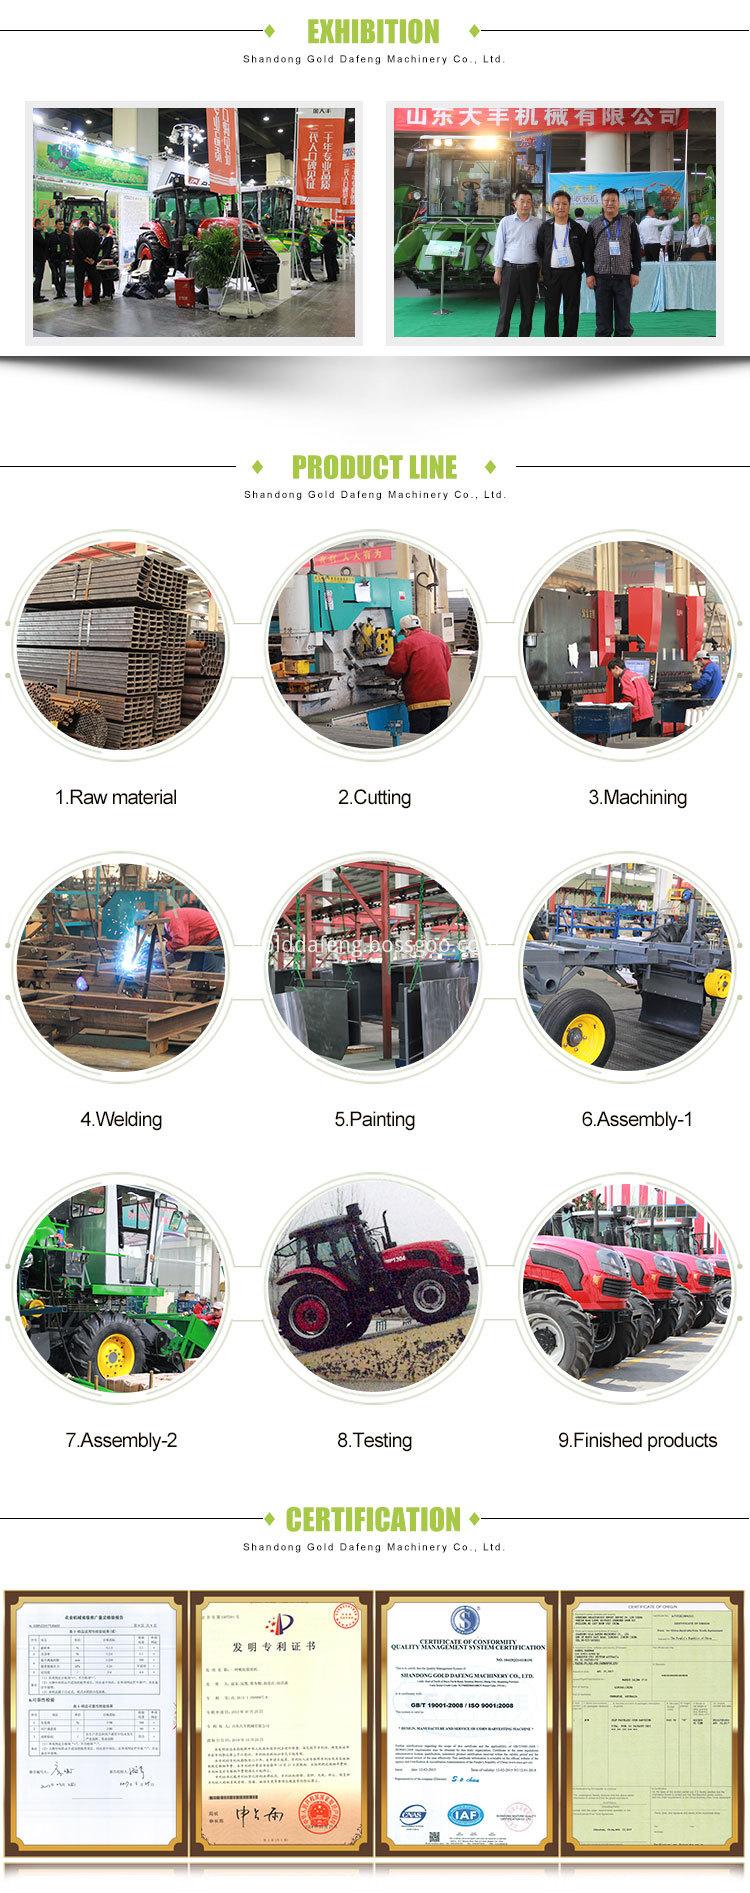 corn cutting machine process